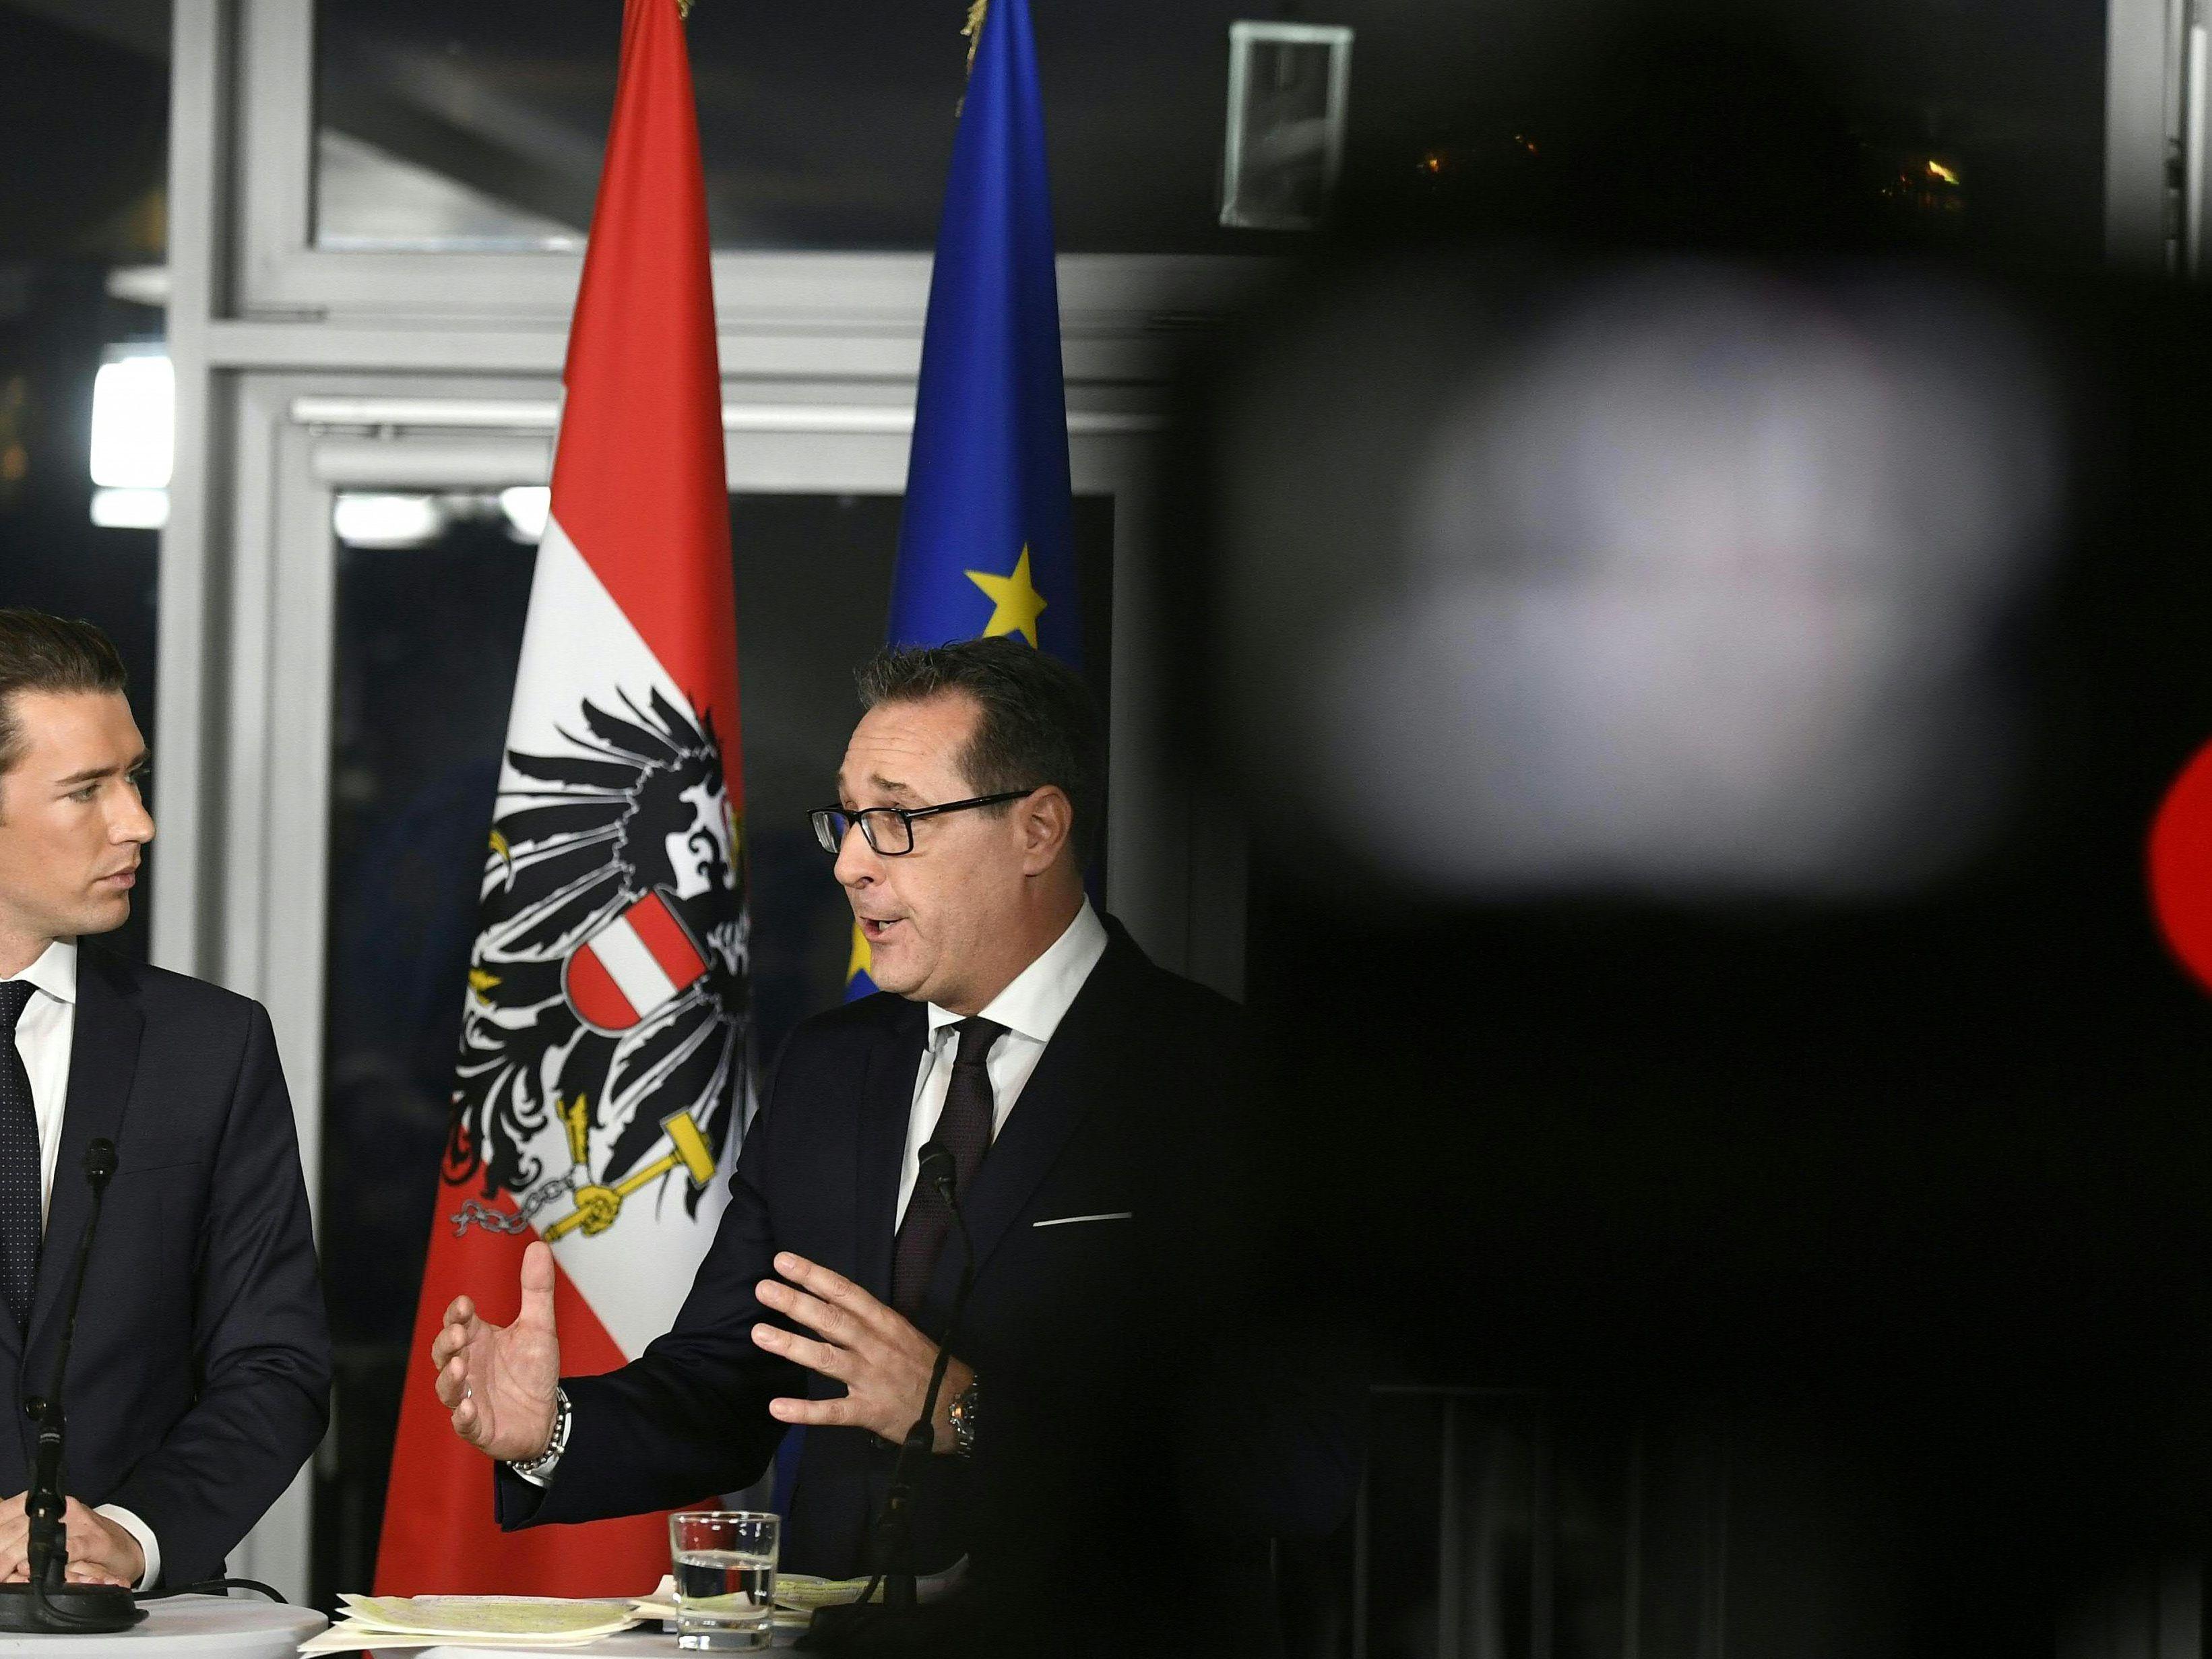 Partnersuche seiten österreich